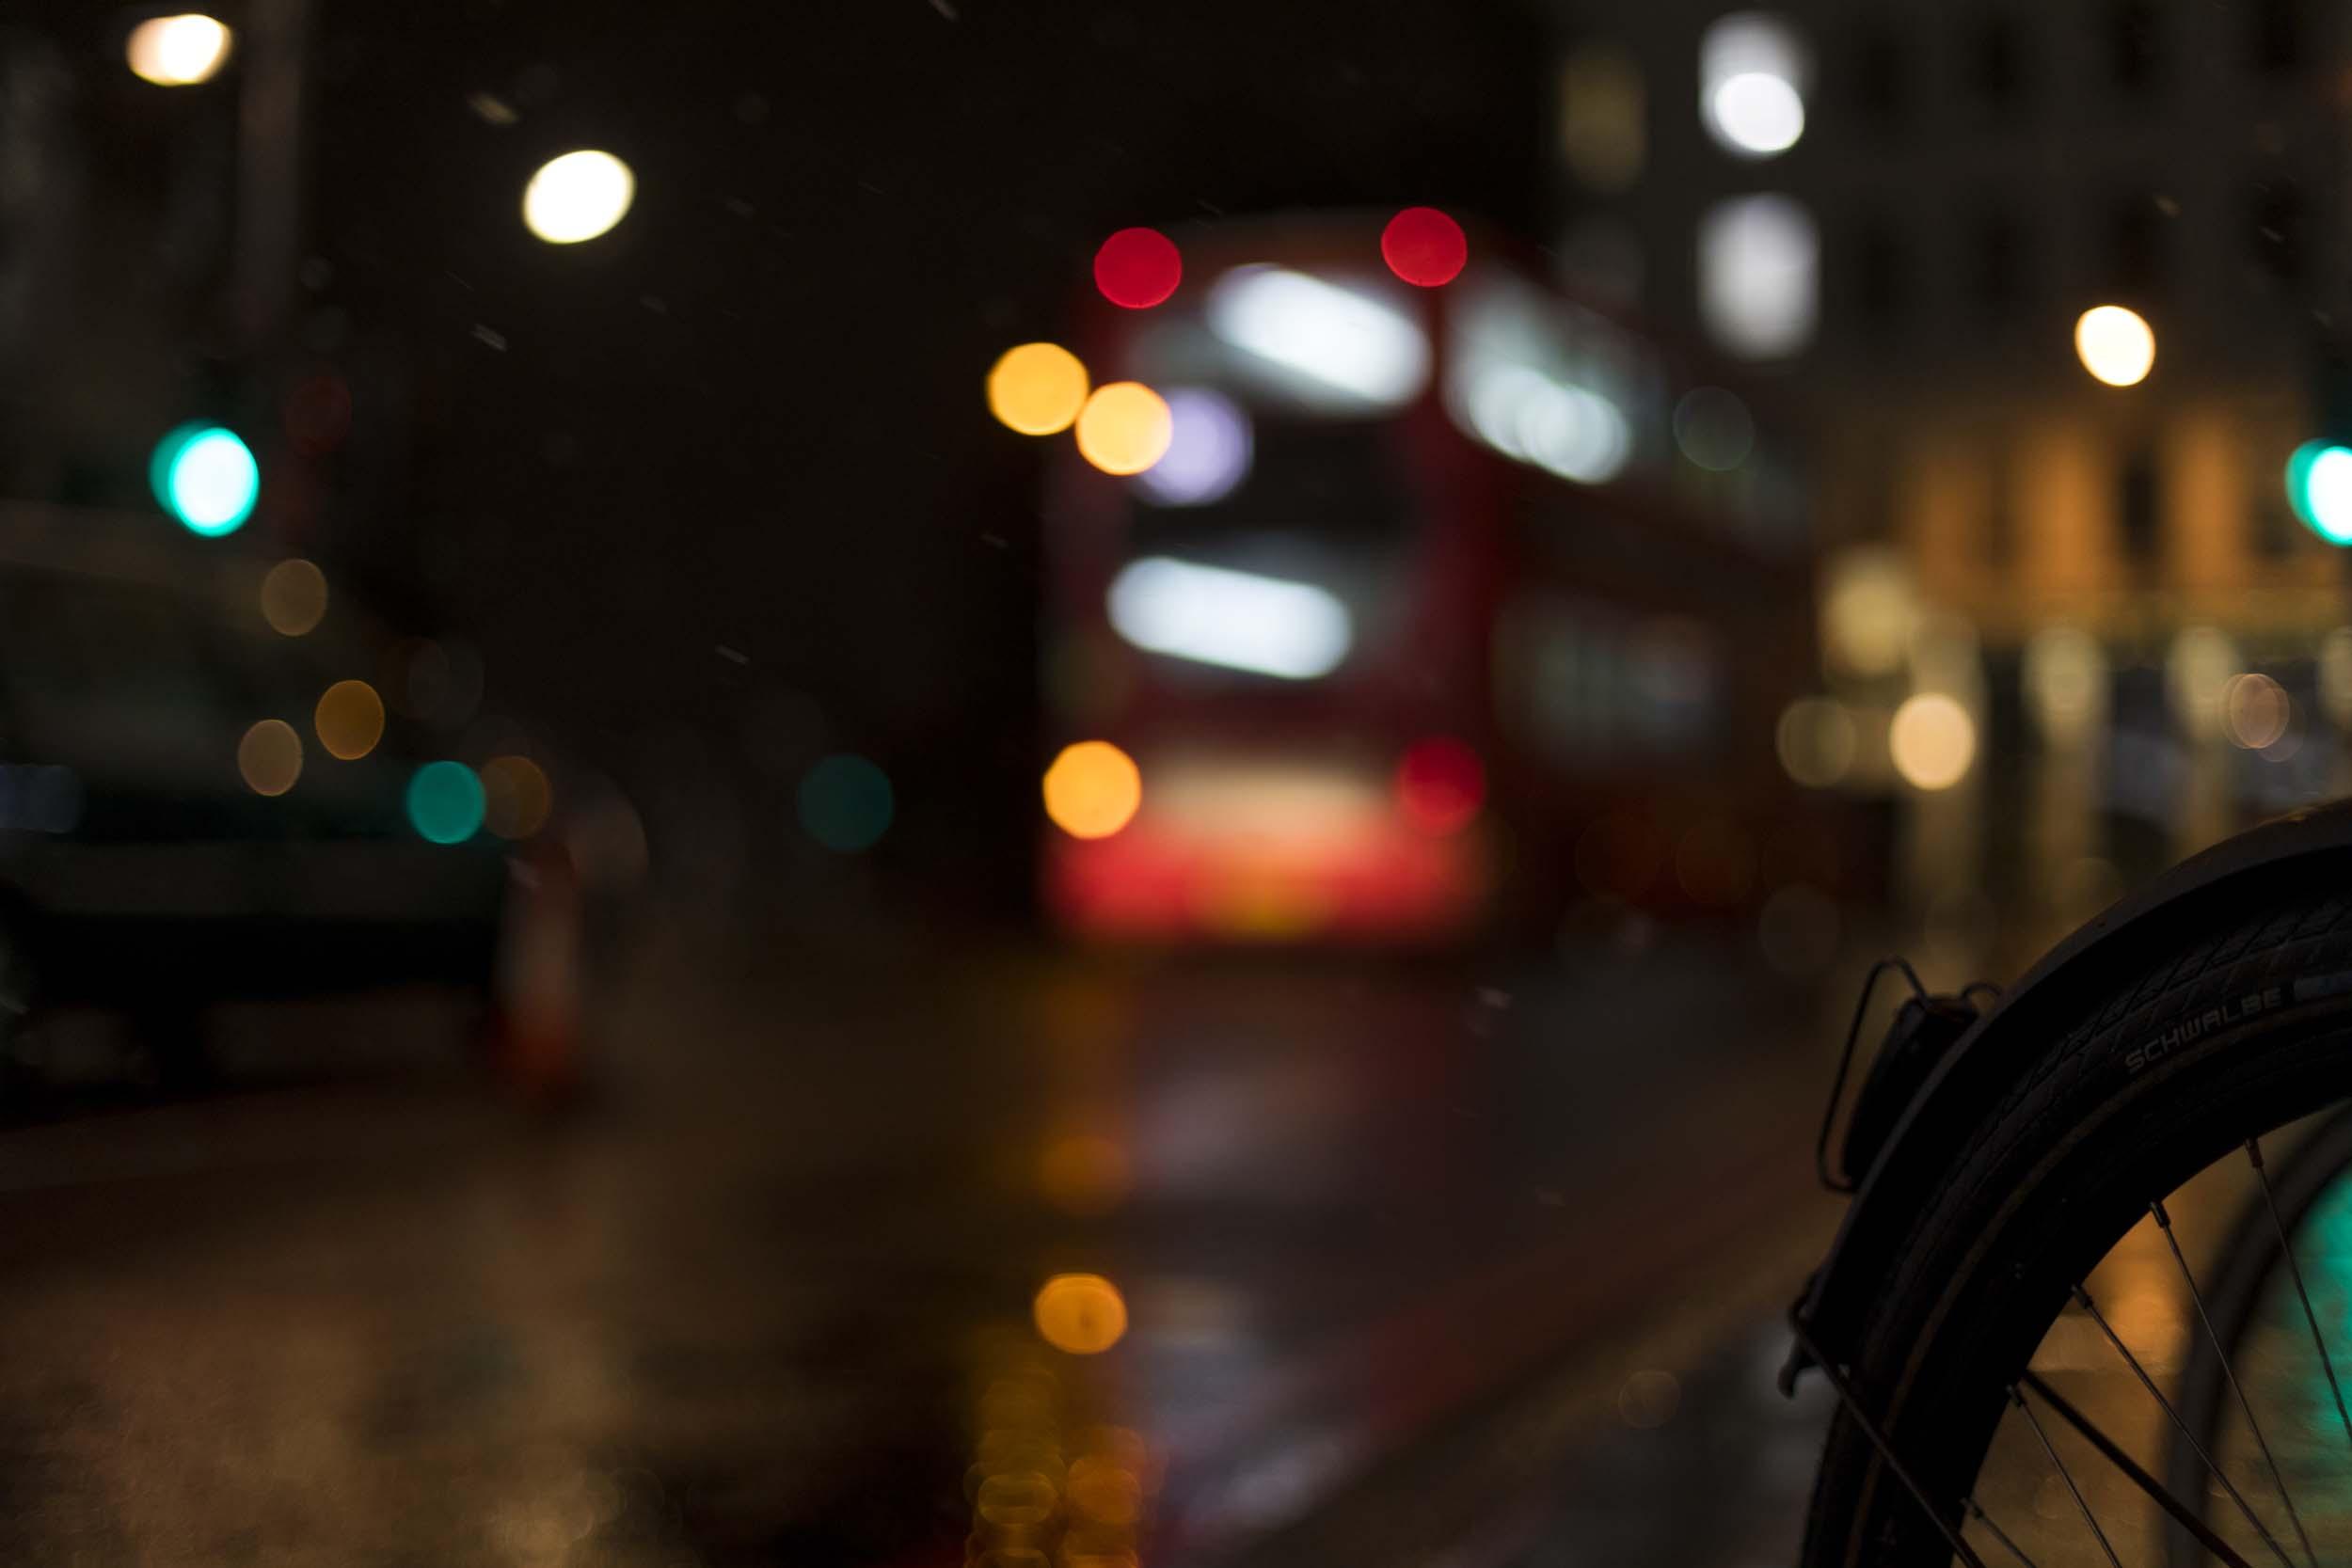 LONDON_ROAD_CONFUSE_1.jpg